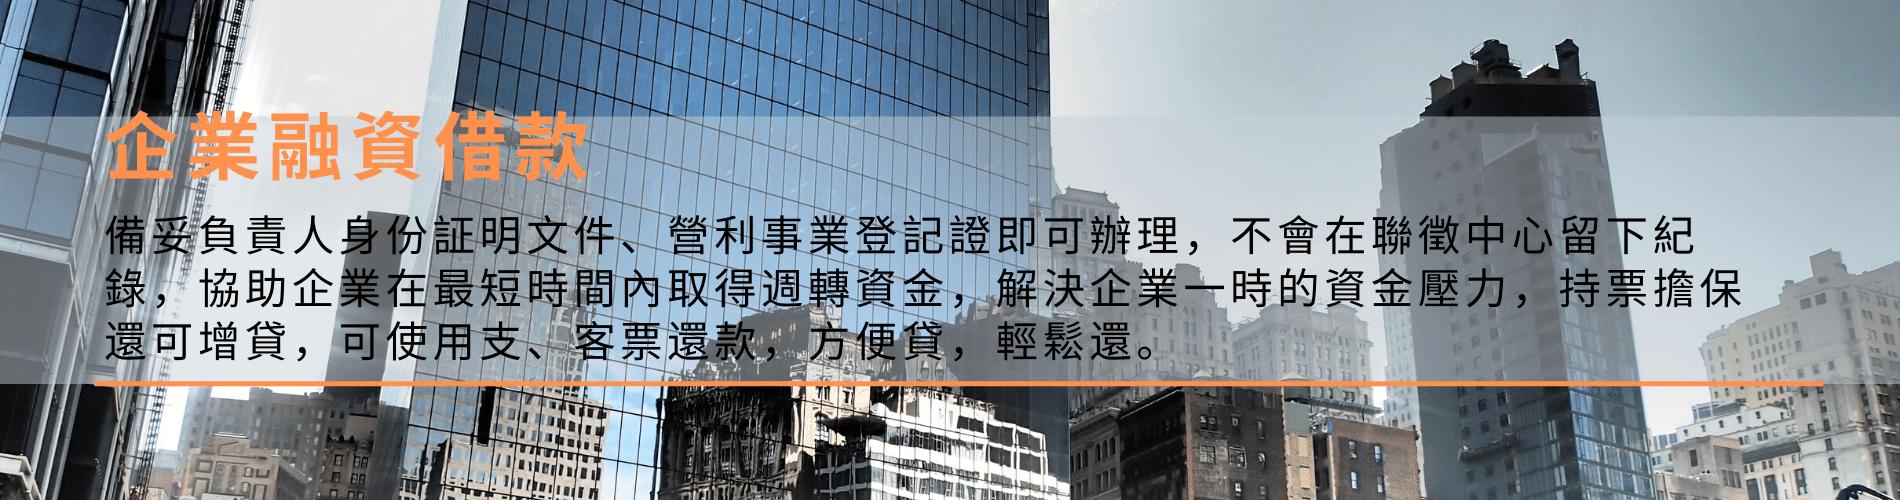 南華企業融資借款